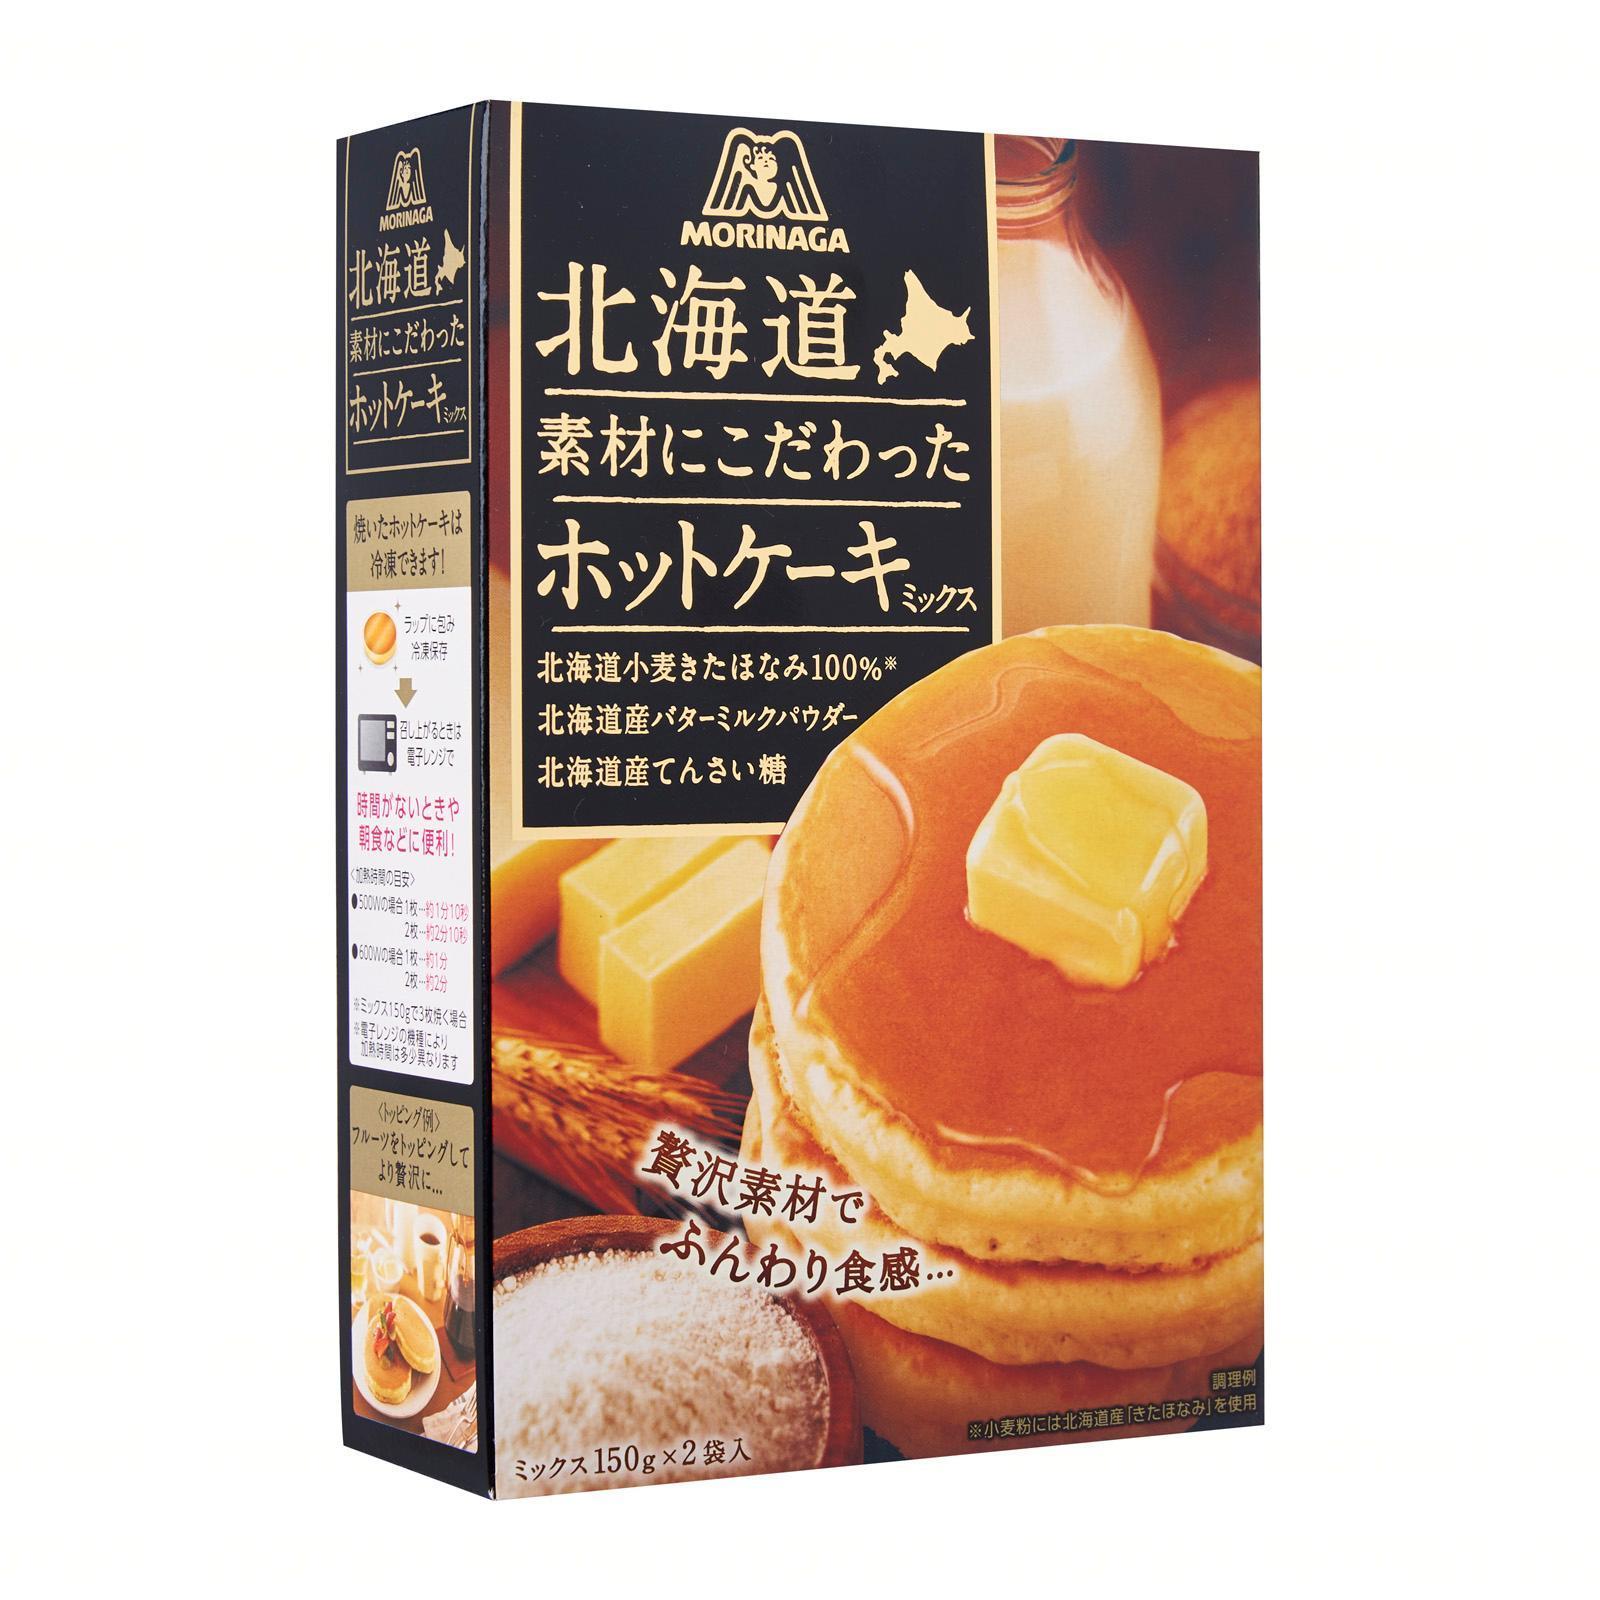 MORINAGA Hokkaido Fluffy Hotcake Mix - Jetro Special